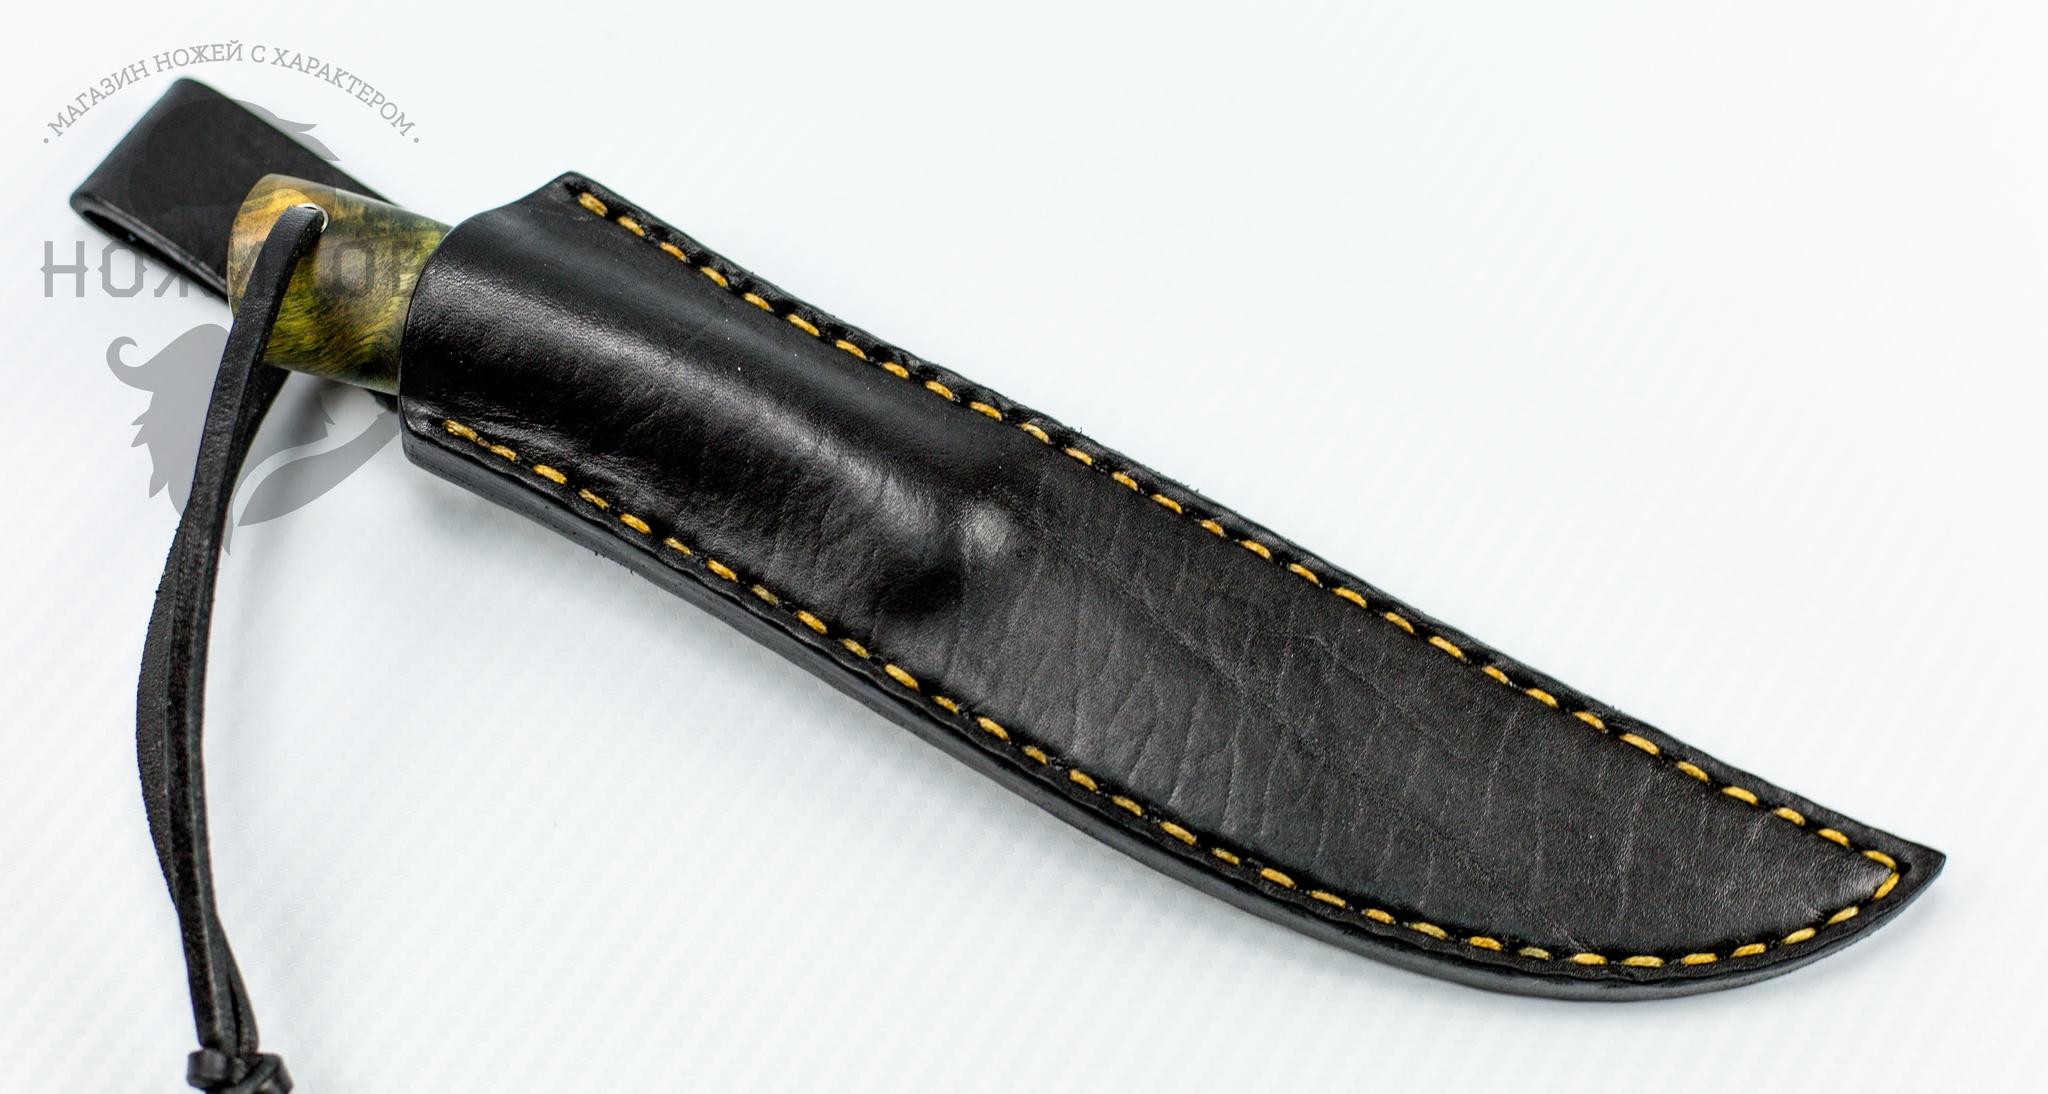 """Нож Лиман, сталь D2, корень тополя-2 от Магазин ножей """"Ножиков"""""""